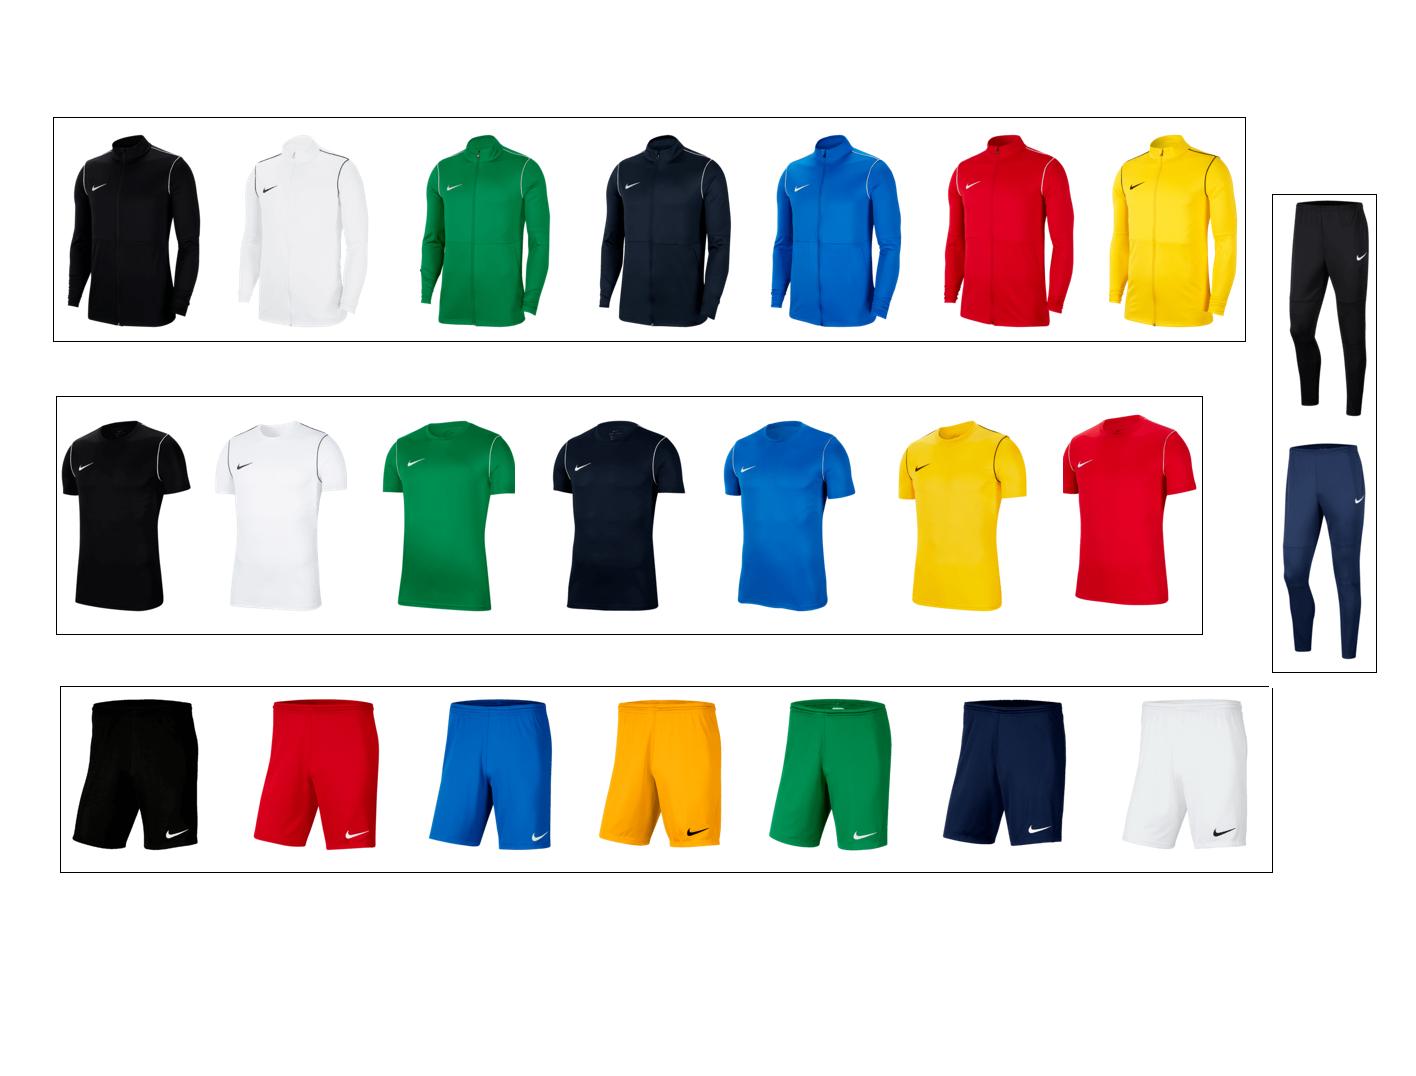 Nike trainingsset voor het hele jaar door (volwassen maten) voor €49,90 met verz.